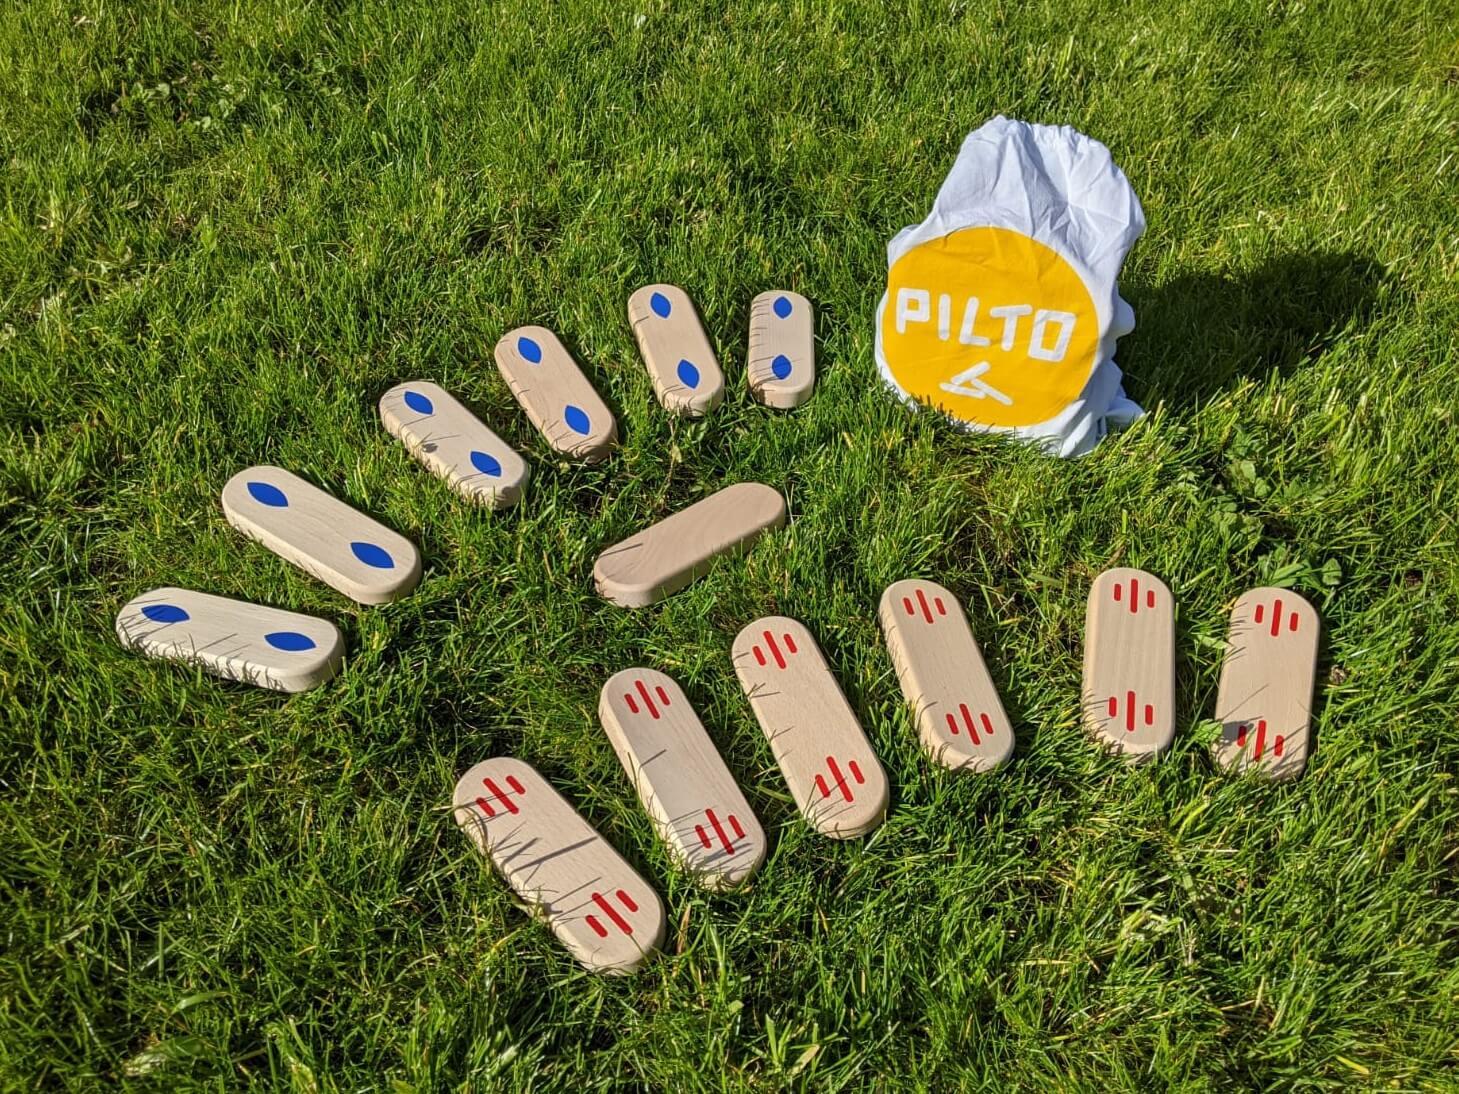 Idee jeux adulte Pilto bois